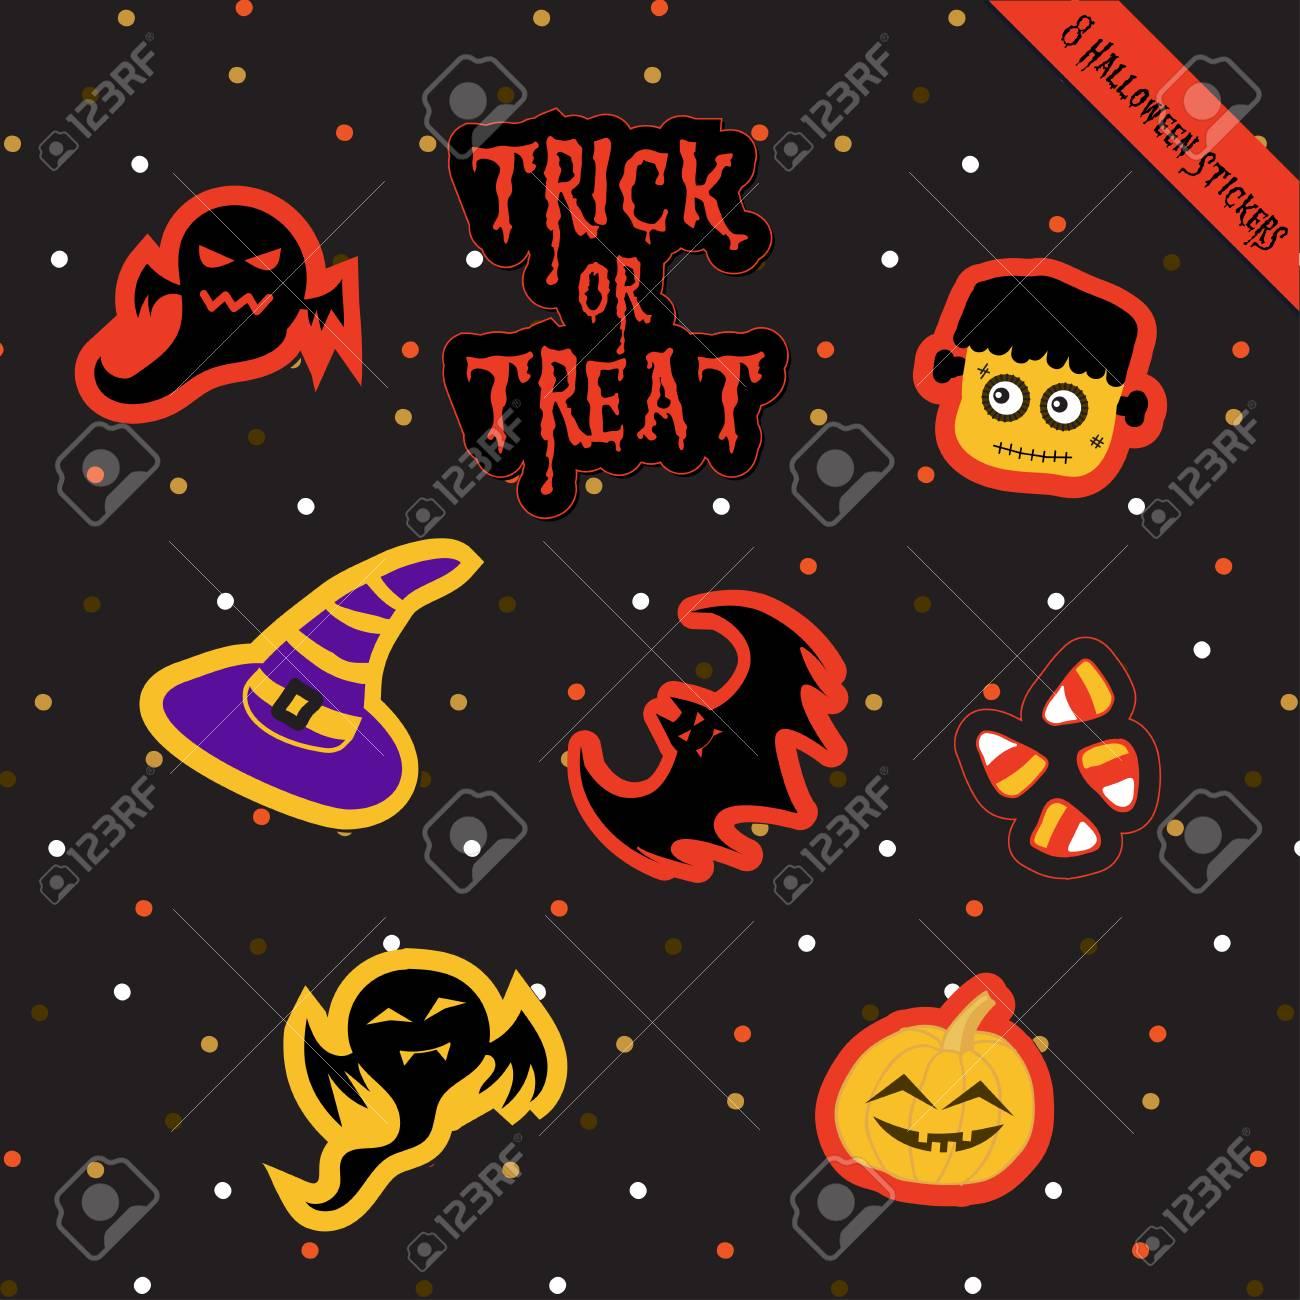 Skyeye Halloween Citrouille Cr/âne Impression Latex Ballon Ensemble Halloween Nuit Chauve-Souris Autocollants D/écoration Accessoires Adapt/és /à La D/écoration du Festival des Fant/ômes en Famille